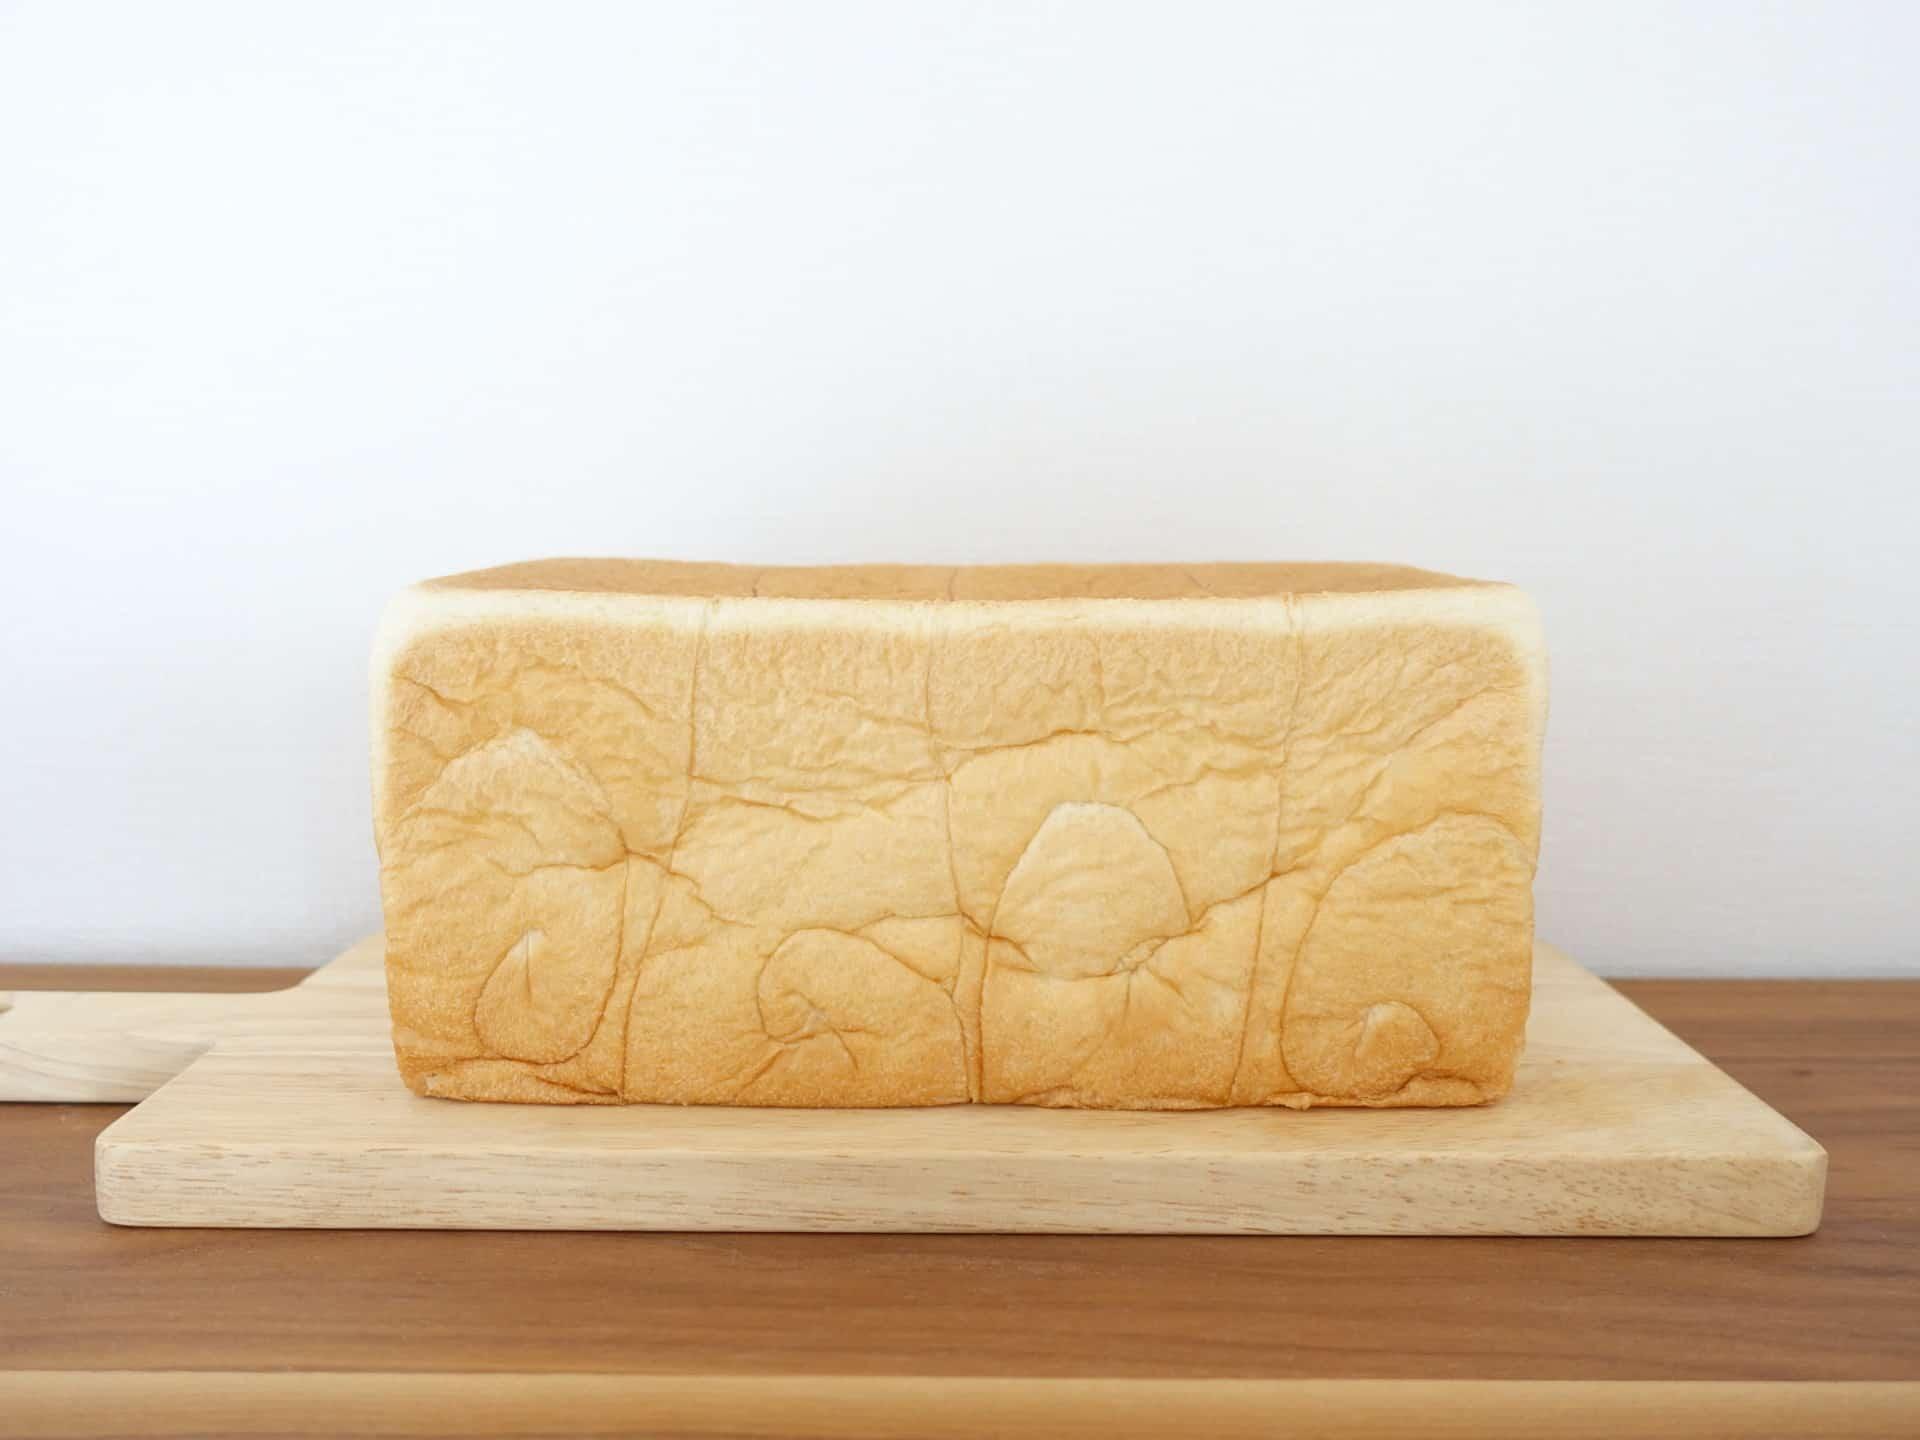 乃が美 はなれ 神戸三宮店 − ふわふわ高級「生」食パンはやみつきになるおいしさ。おすすめの食べ方も紹介するよ